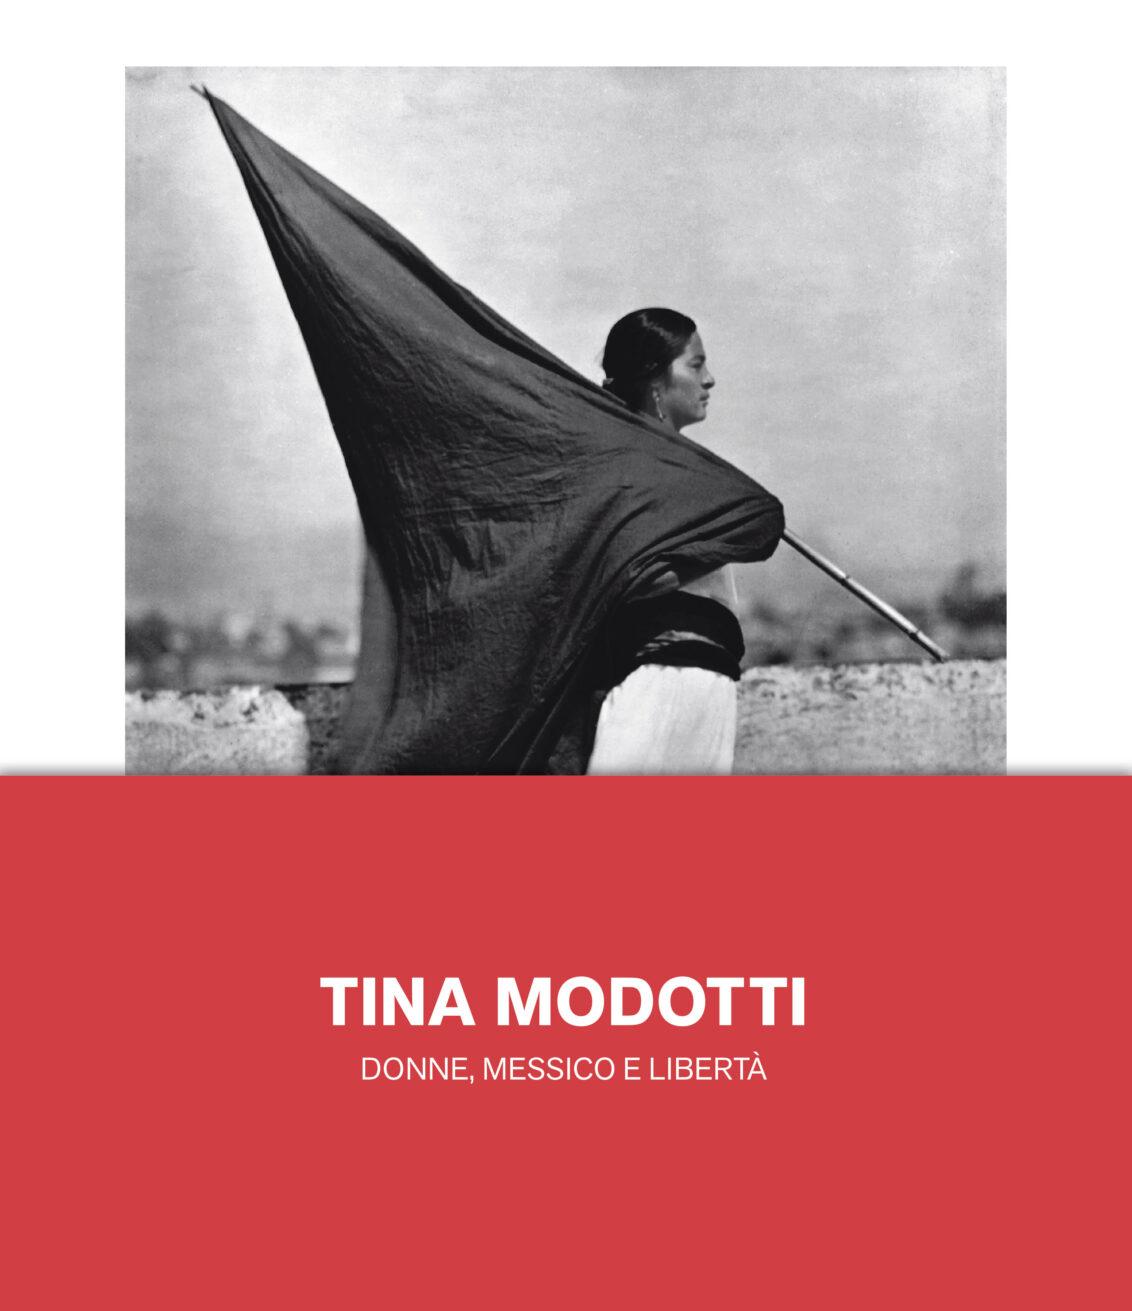 Tina Modotti Donne Messico e Libertà copertina catalogo